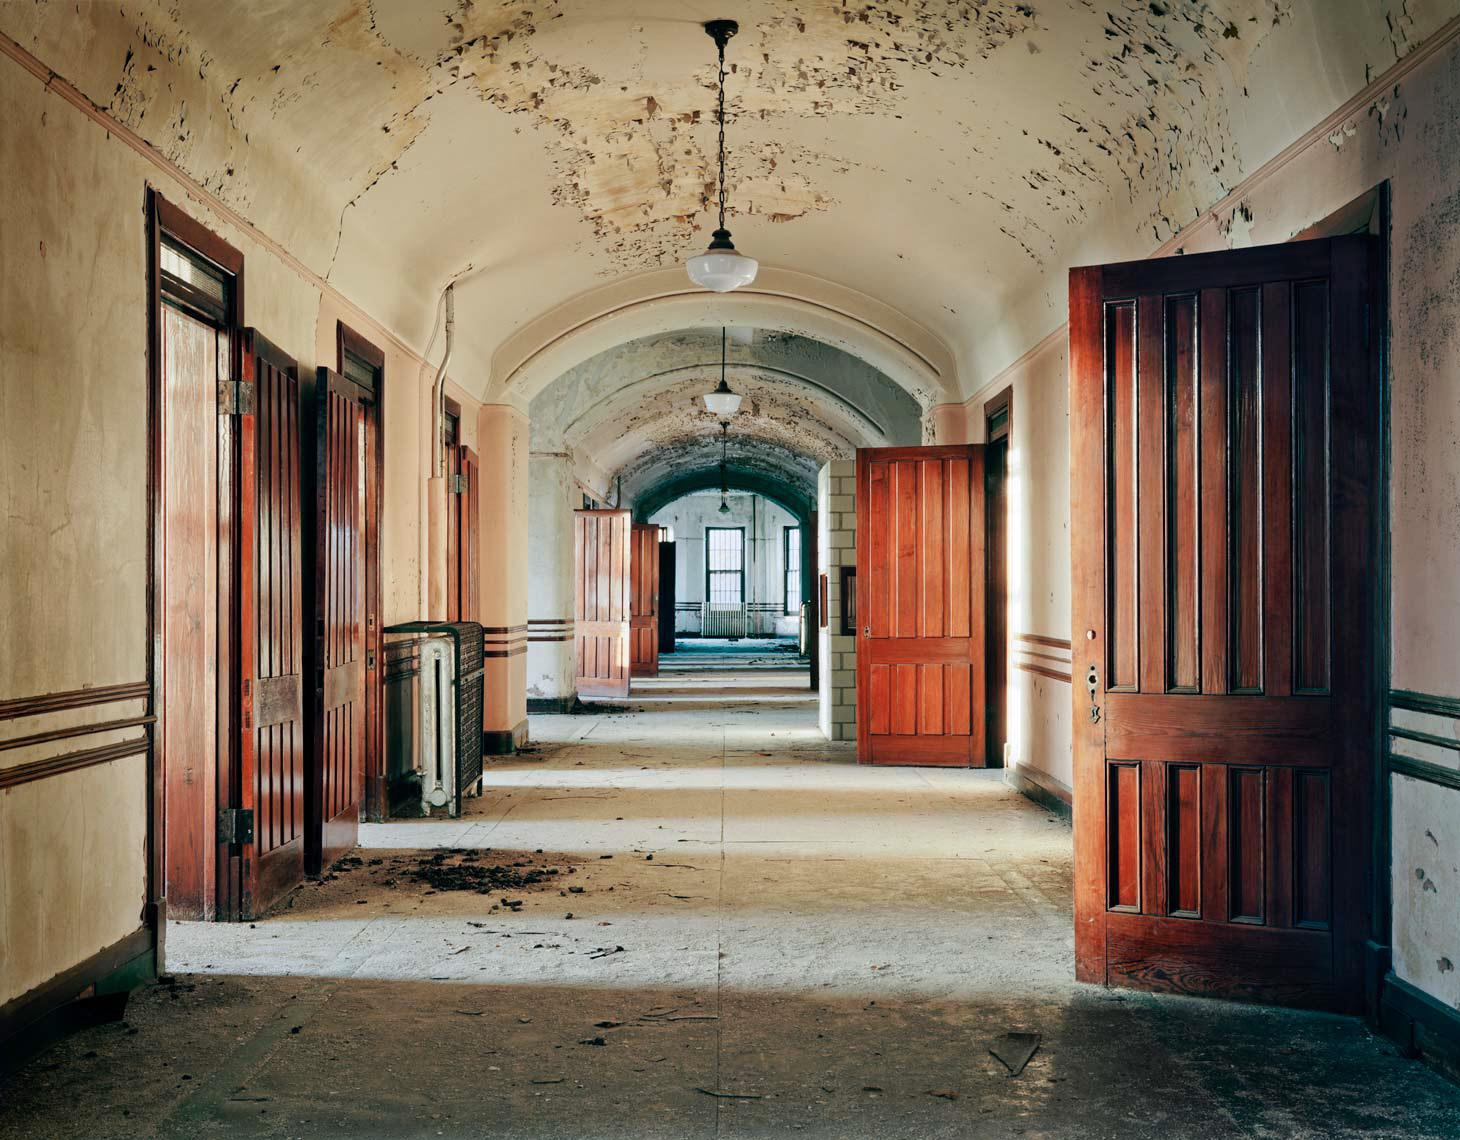 Asylum_021.jpg